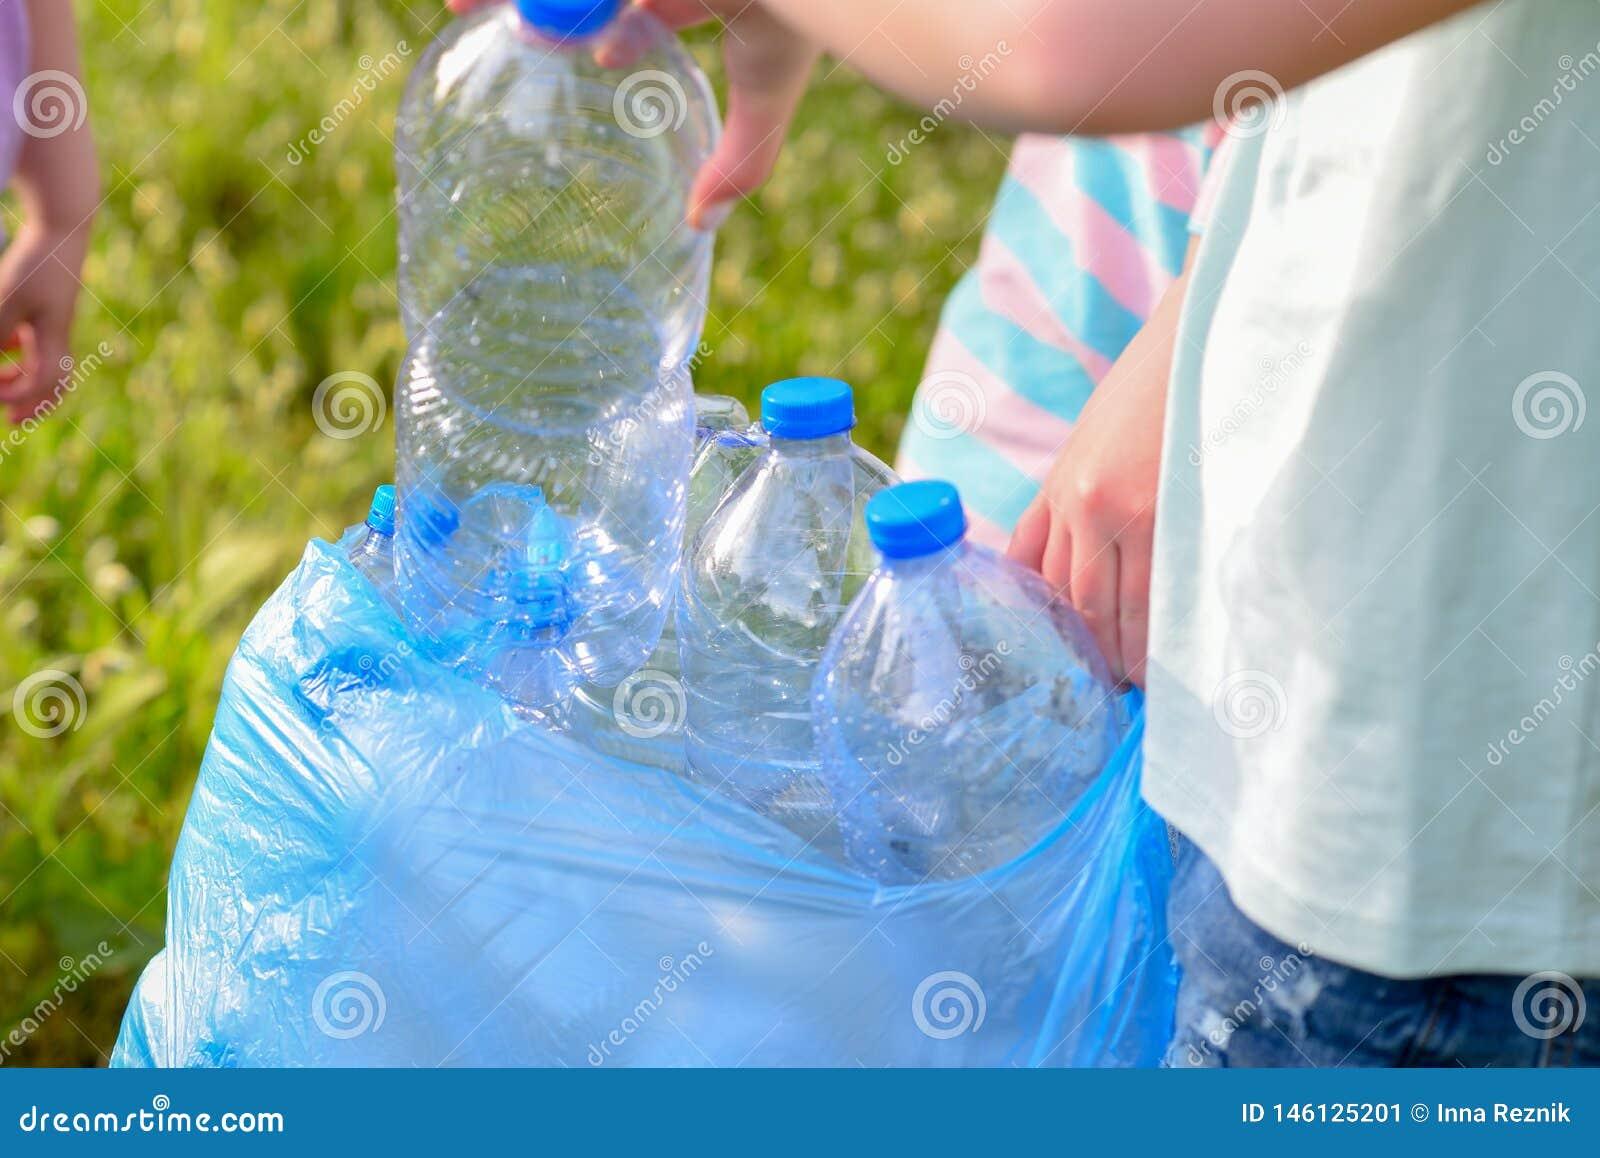 Enfants nettoyant en parc Enfants volontaires avec un sac de déchets nettoyant des ordures, mettant la bouteille en plastique en